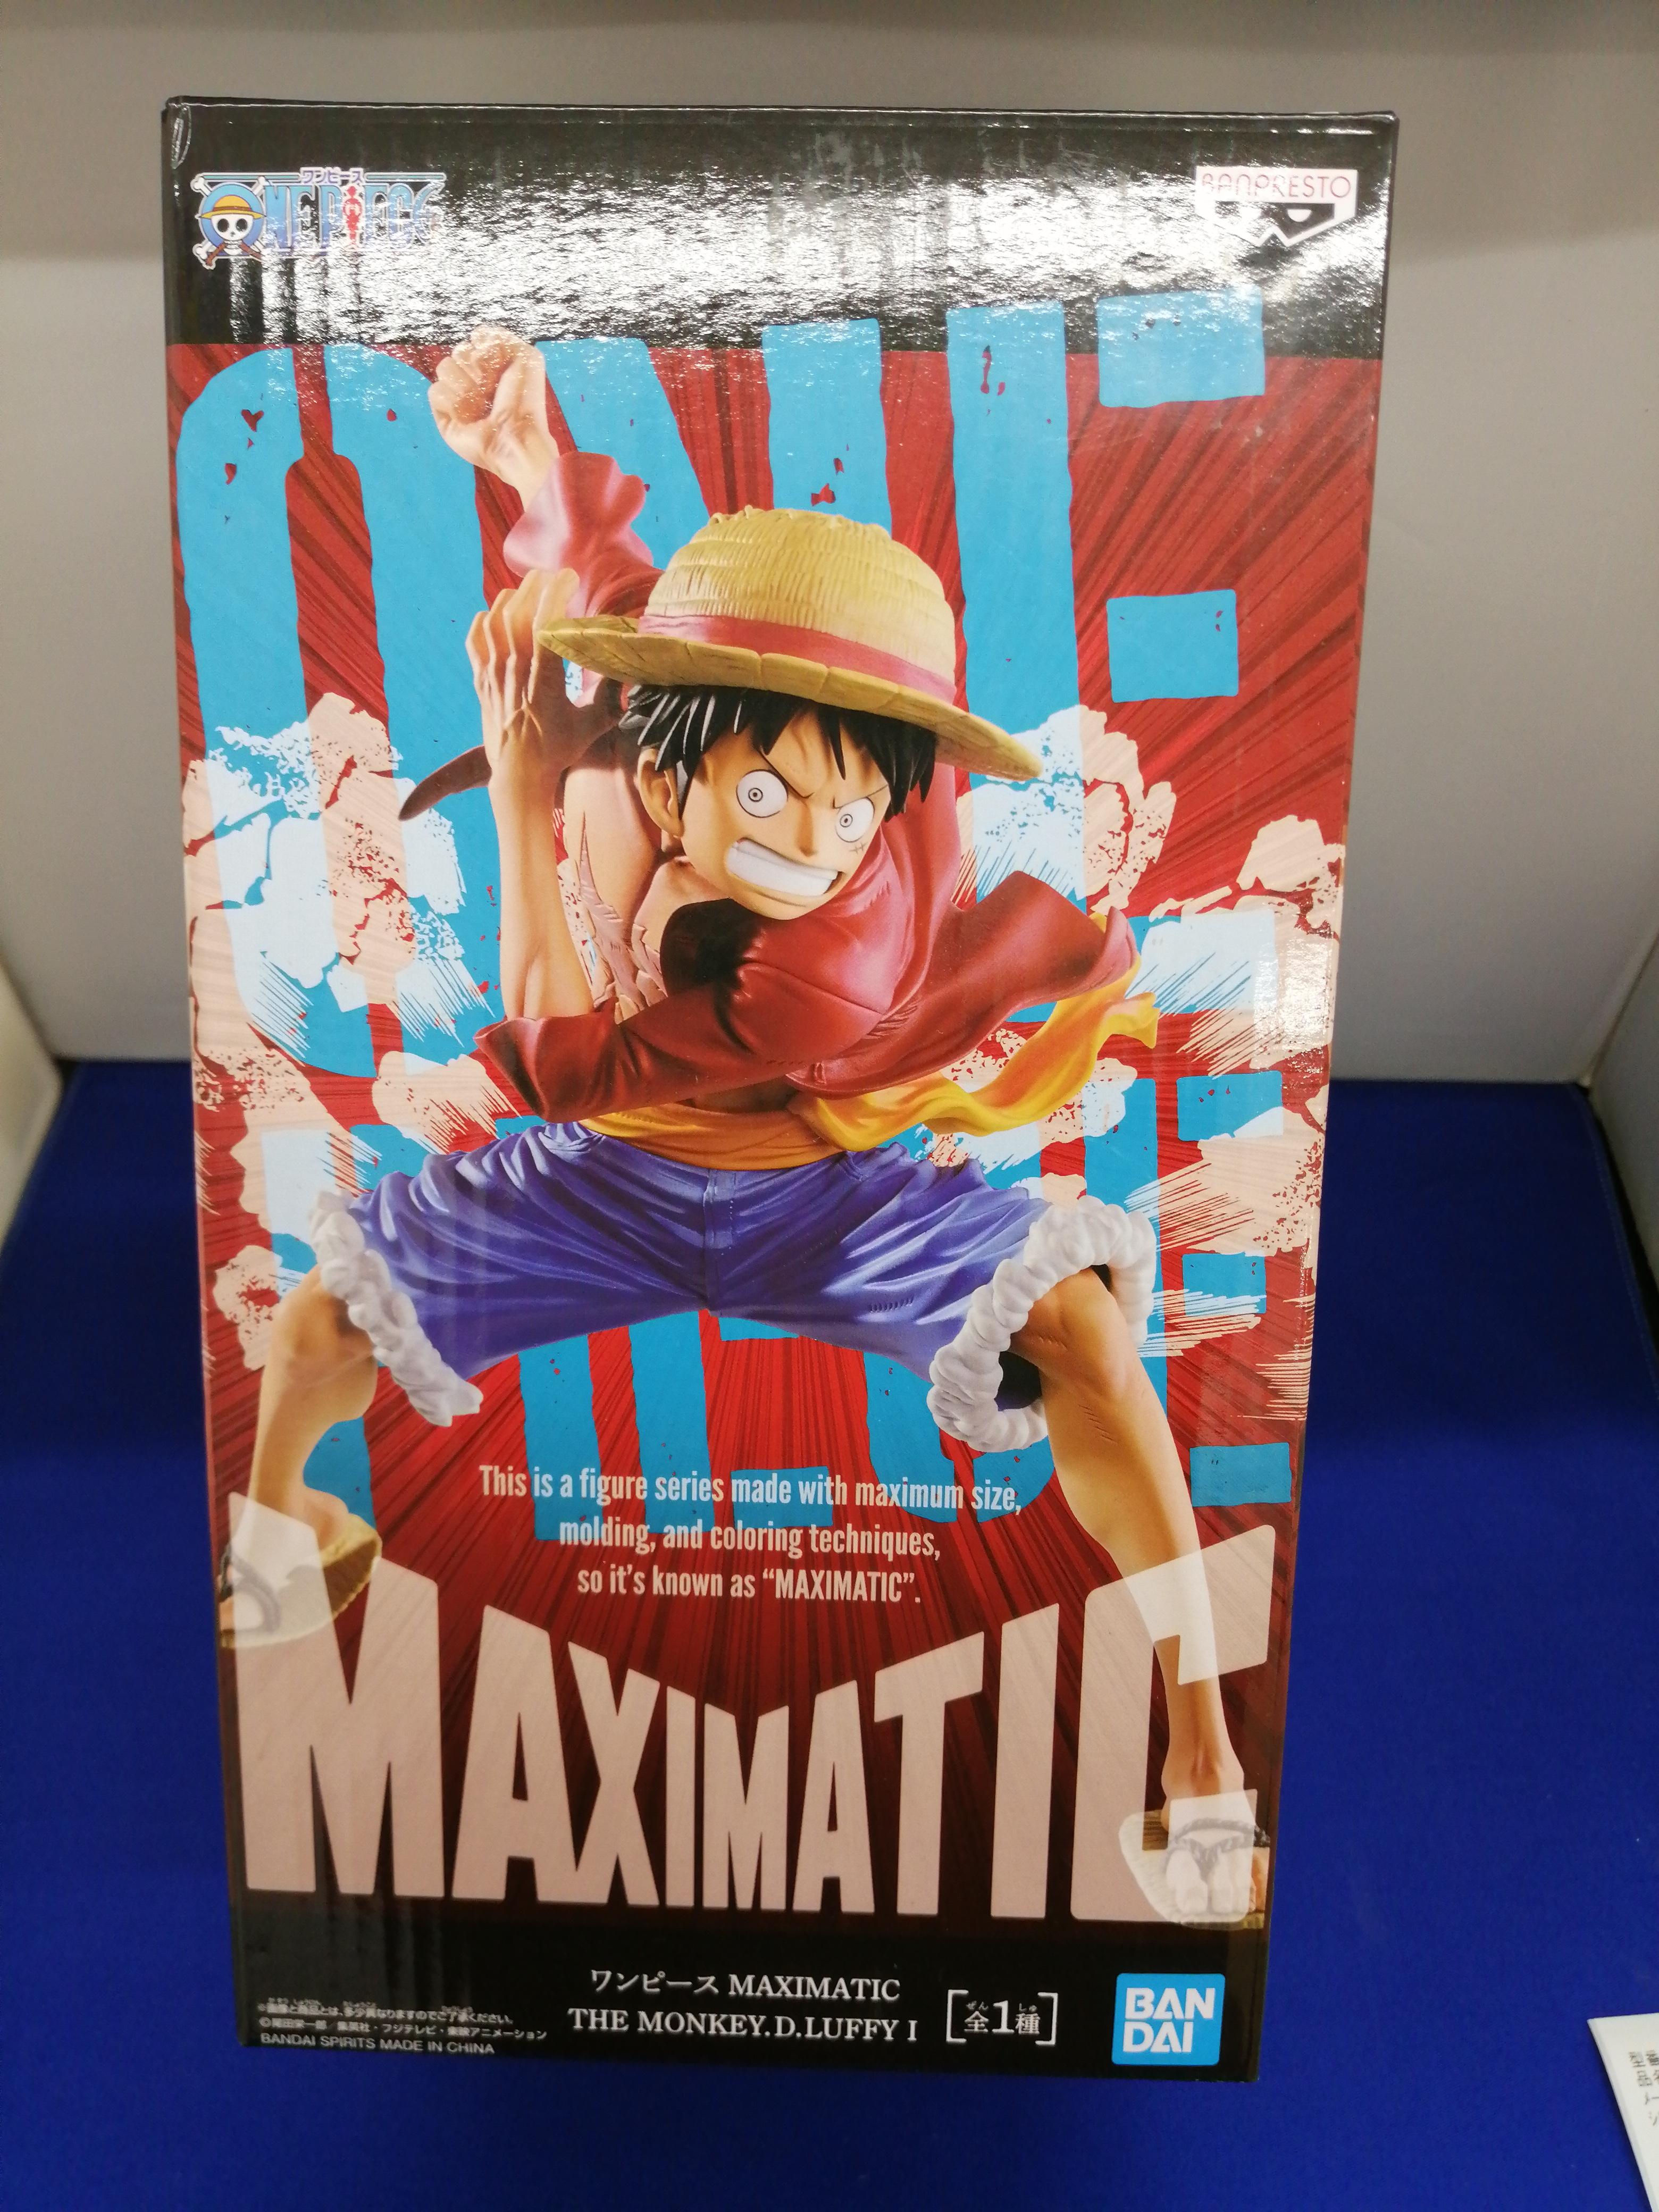 ワンピース(MAXIMATIC) バンプレスト